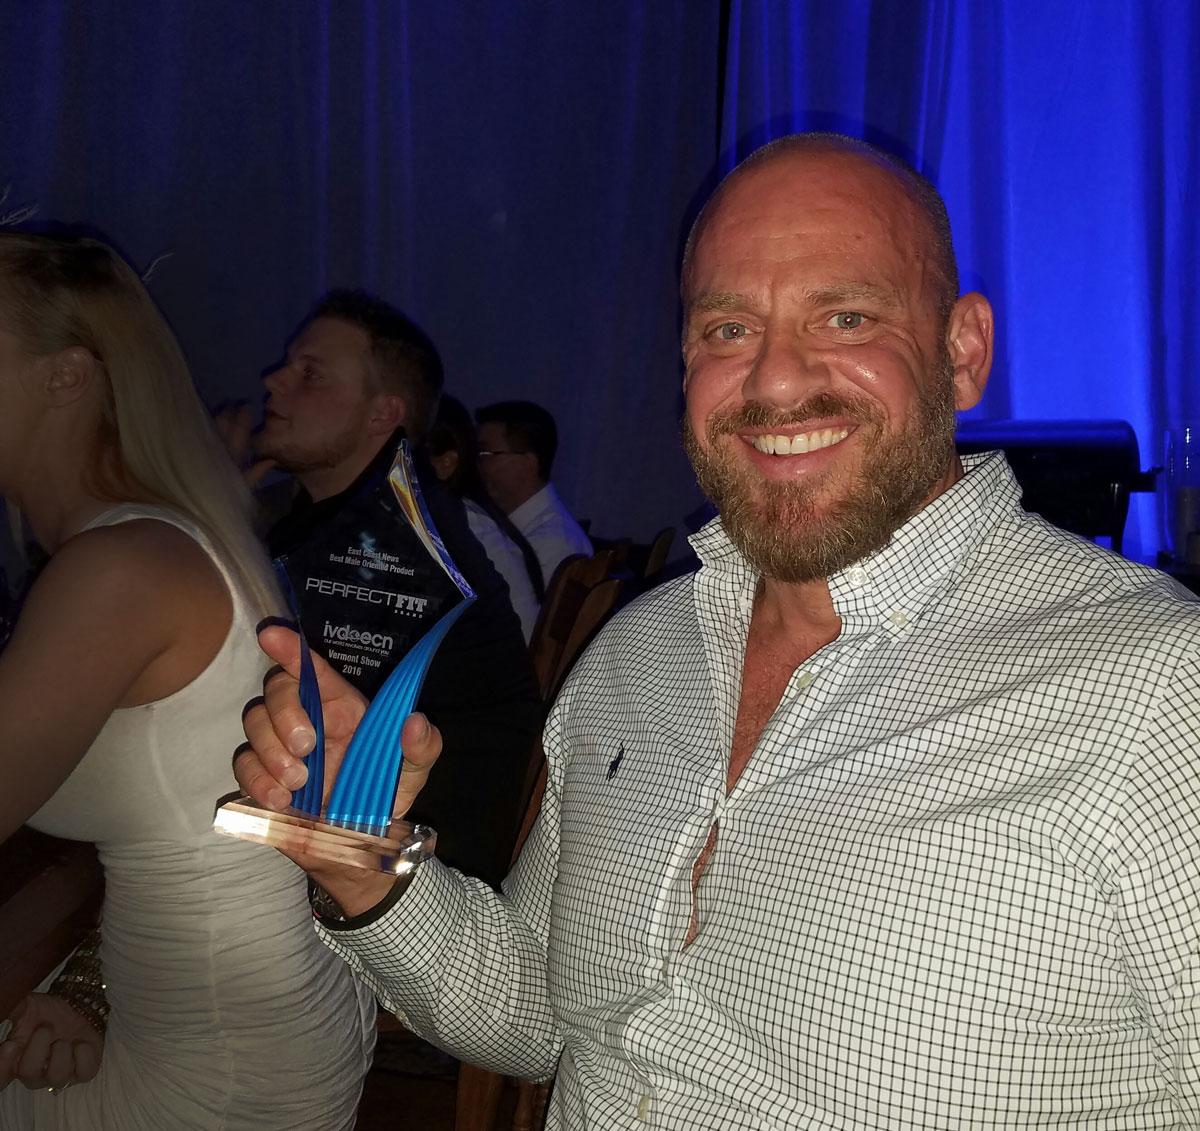 Steve Callow accepts the 2016 East Coast News Award